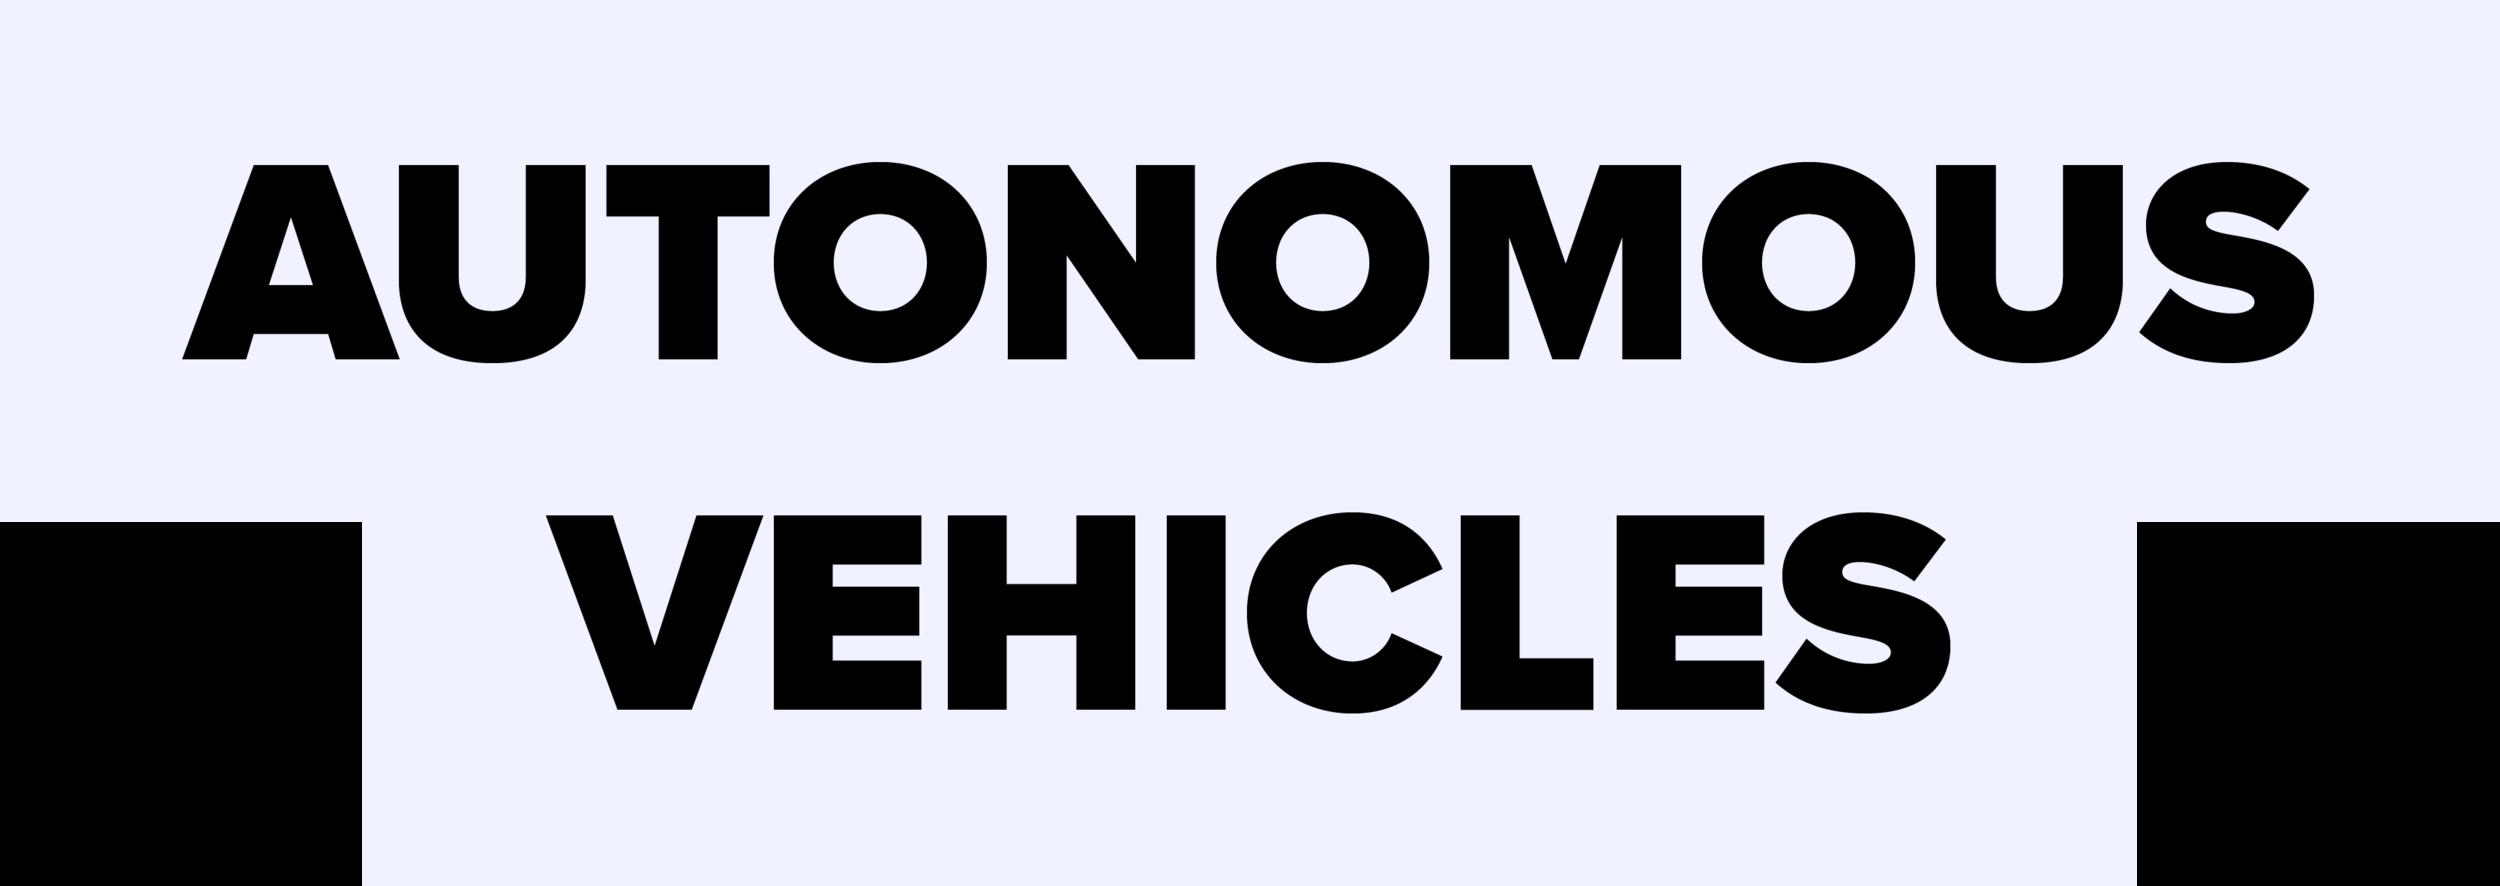 Autonomous Vehicles Title-01.png